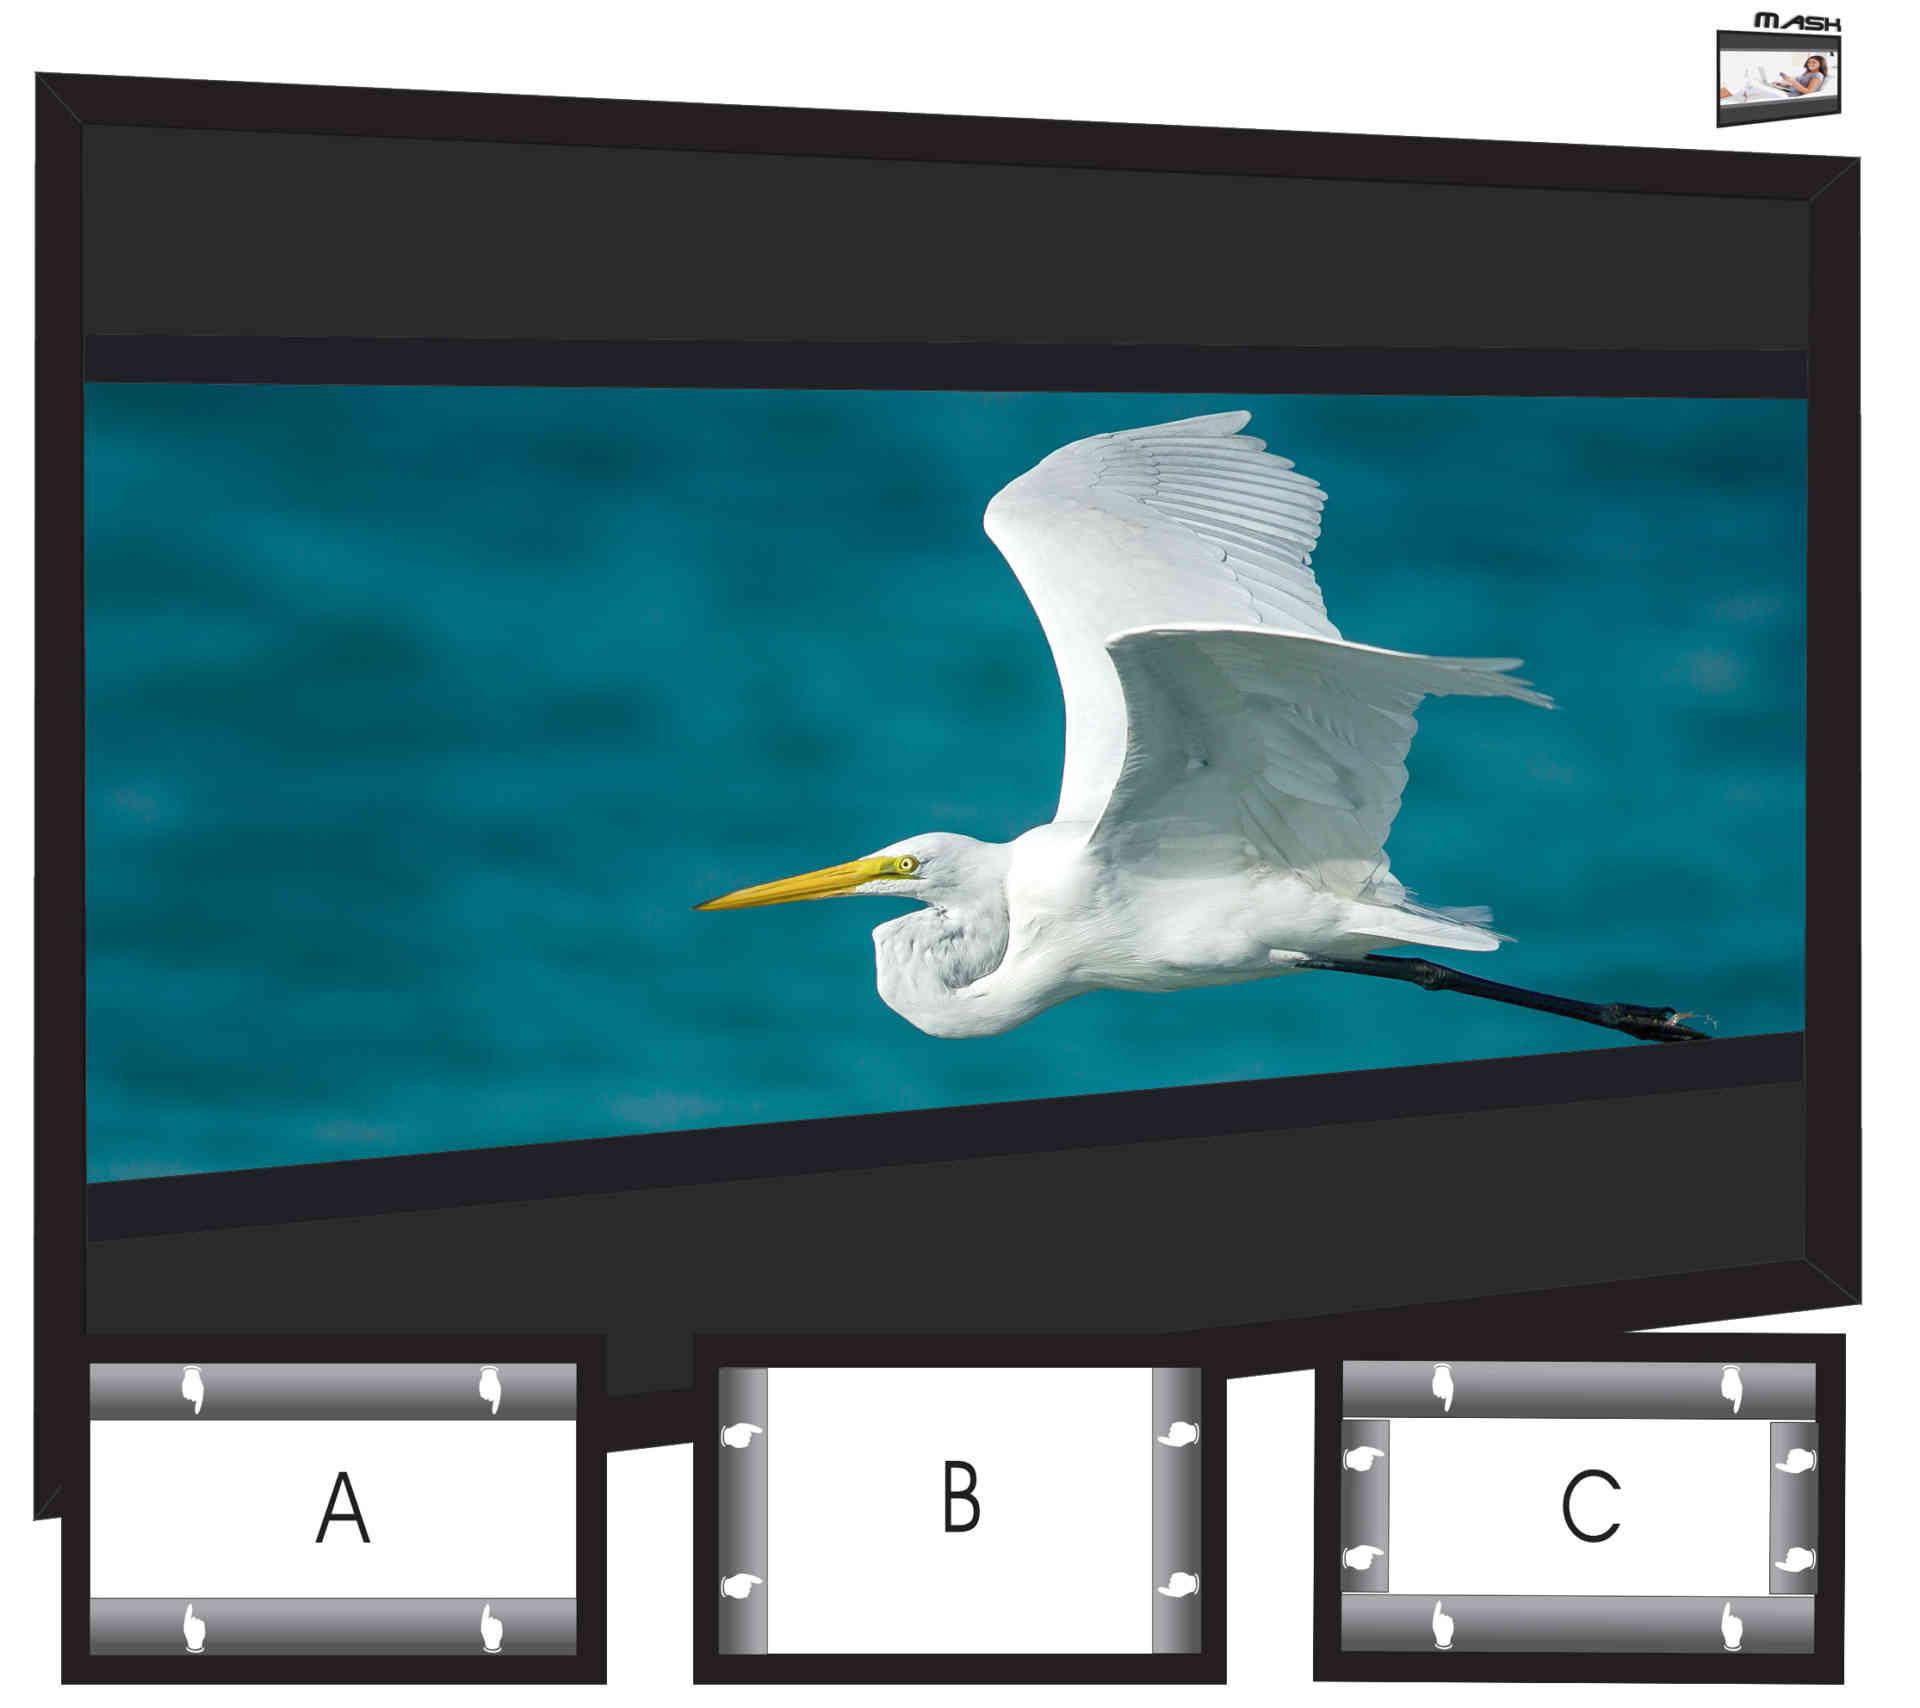 changement automatique des formats écran tendu sur cadre fixvision multivision